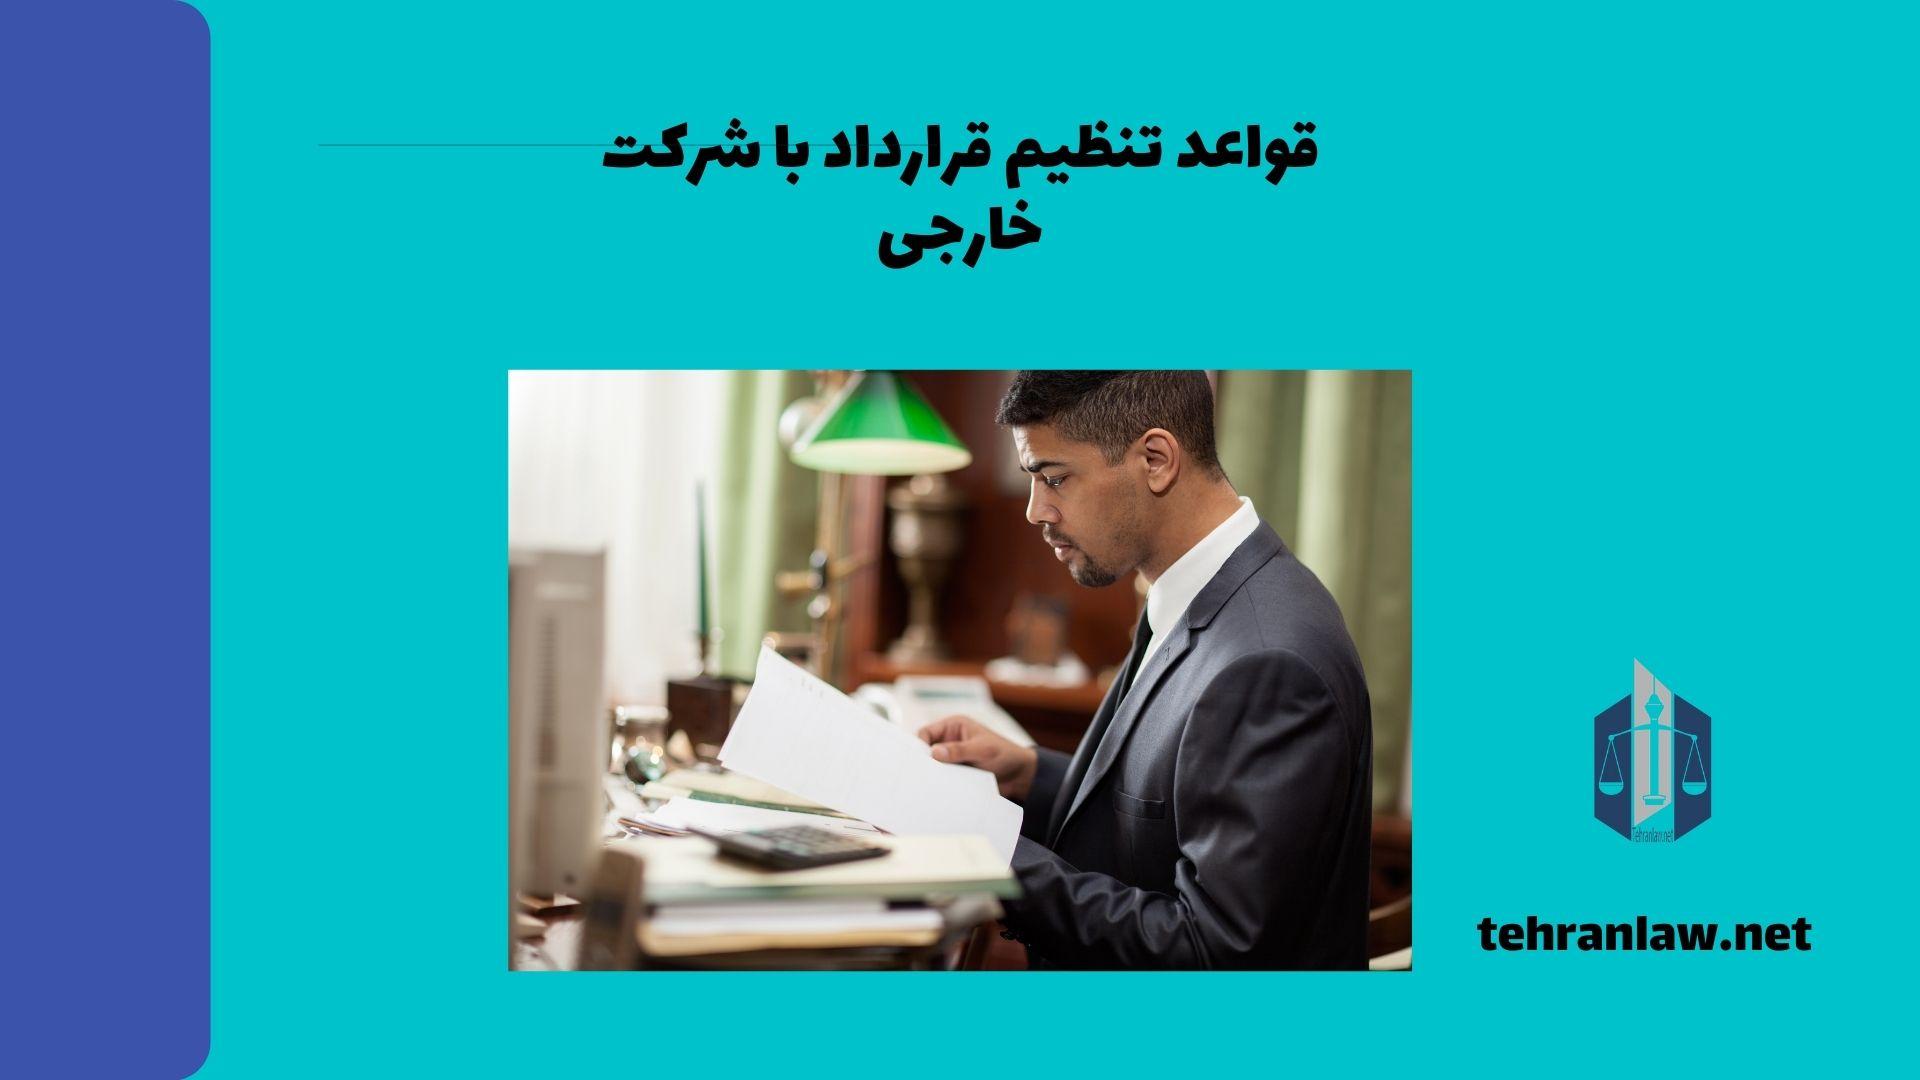 قواعد تنظیم قرارداد با شرکت خارجی